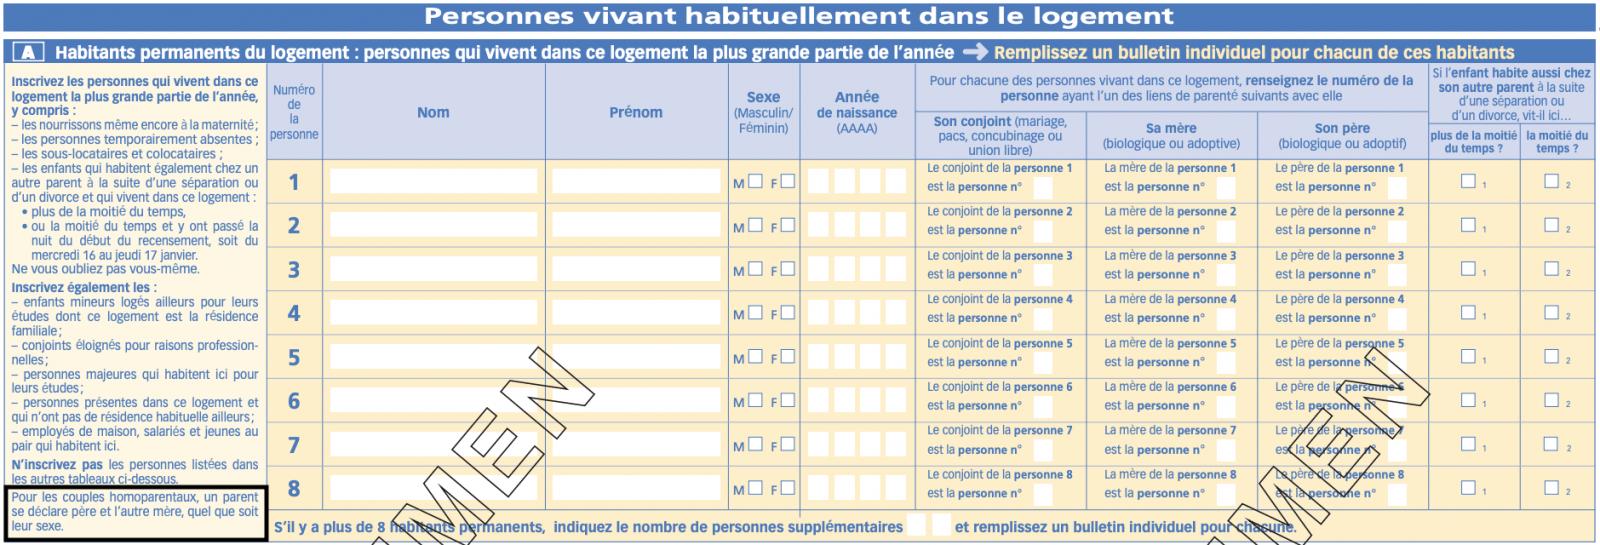 Capture d'écran de la page 2 et 3 de la feuille logement de recensement de l'INSEE